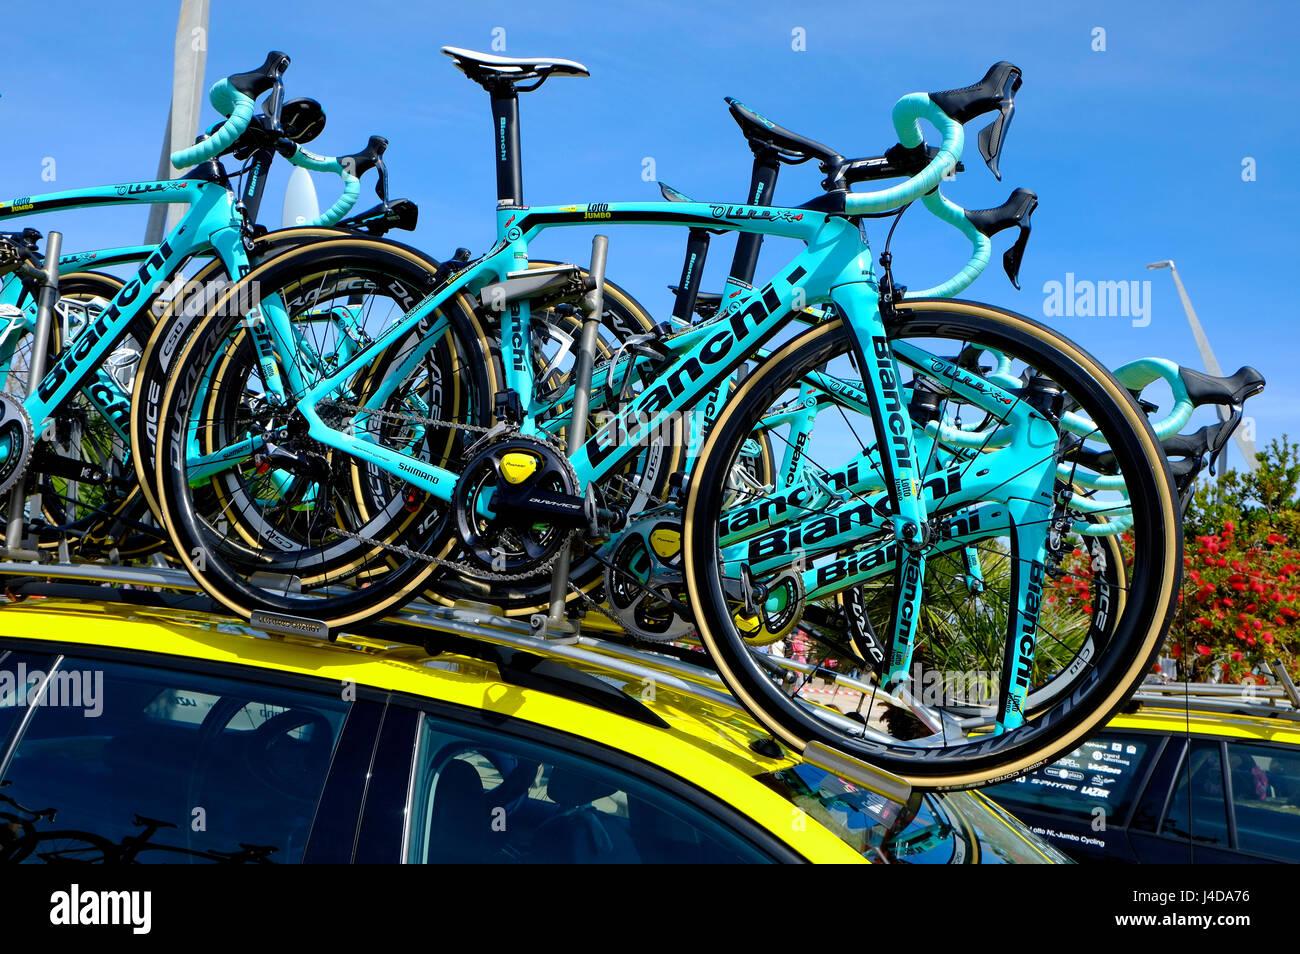 Cicli bianchi per il lotto ciclo jumbo racing team, Alghero, Sardegna, Italia Immagini Stock